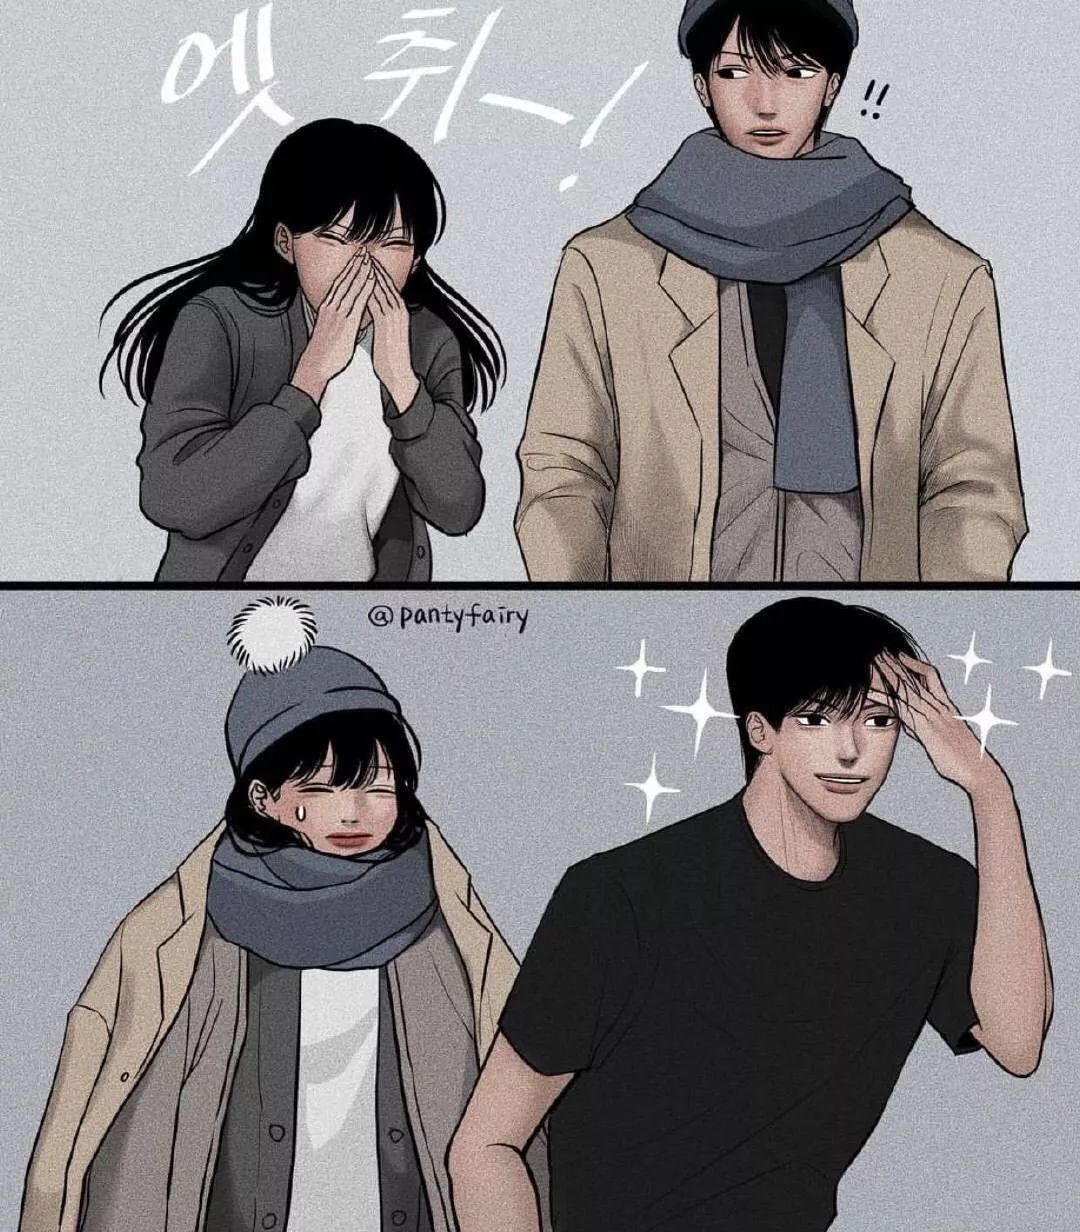 好羞哦!韩国超甜情侣漫画,火遍全网,网友:别开车了!